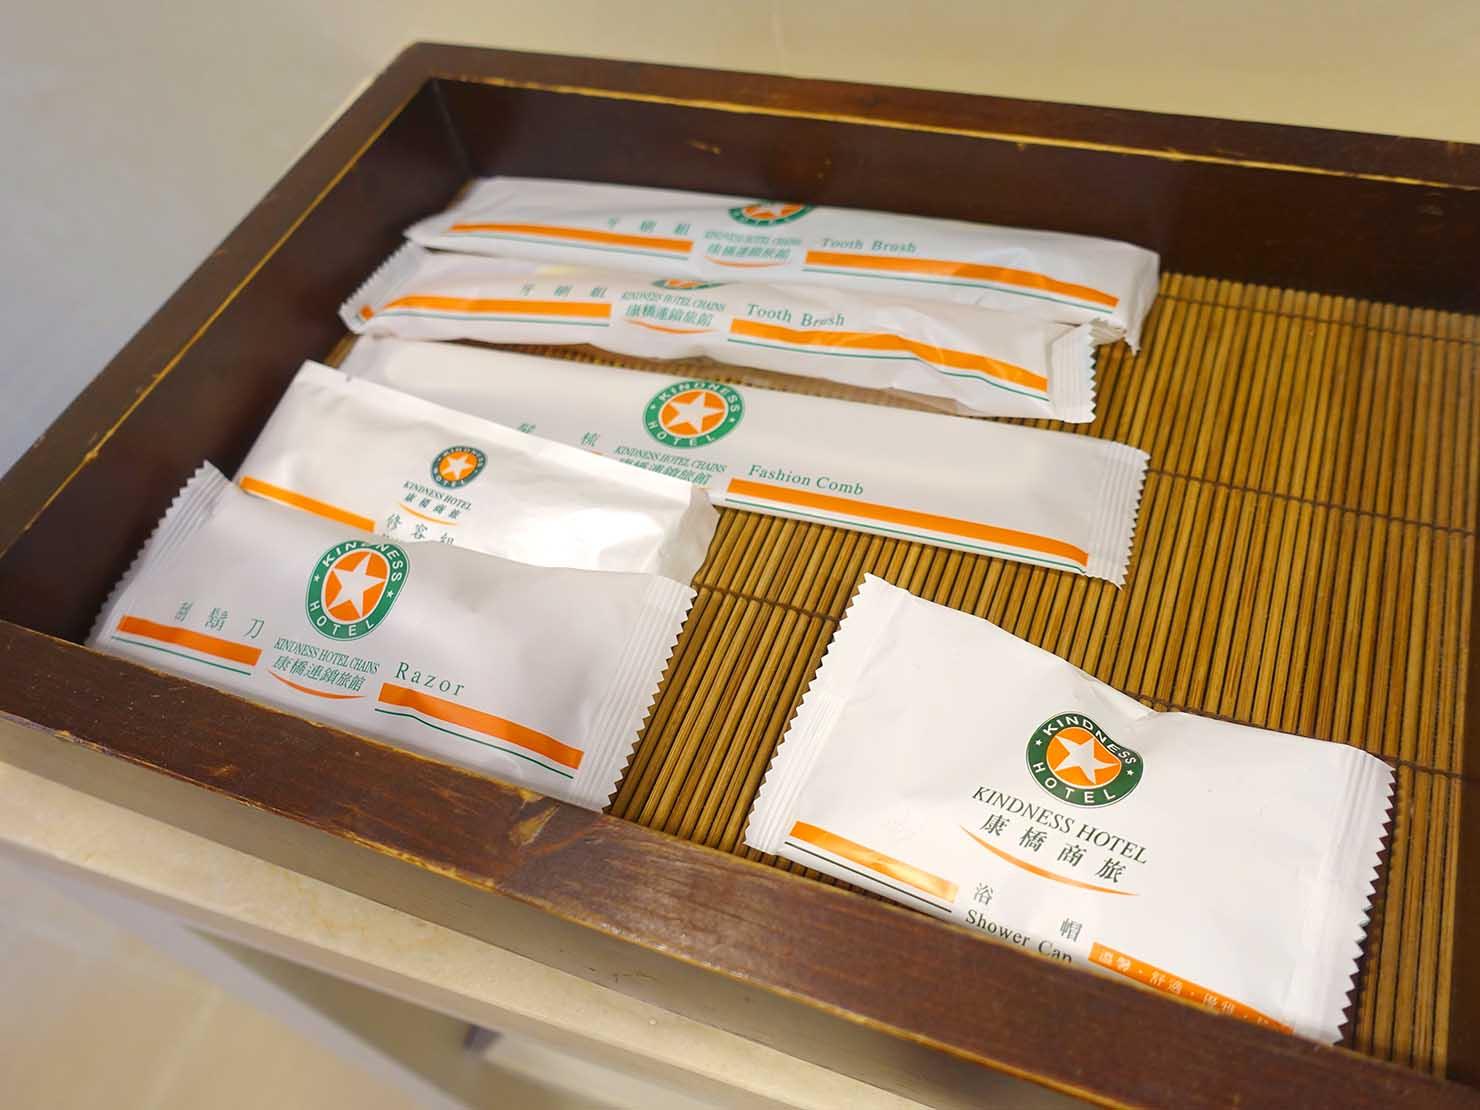 高雄のおすすめチェーンホテル「康橋商旅 Kindness Hotel(漢神館)」豪華雙人房バスルームのアメニティ